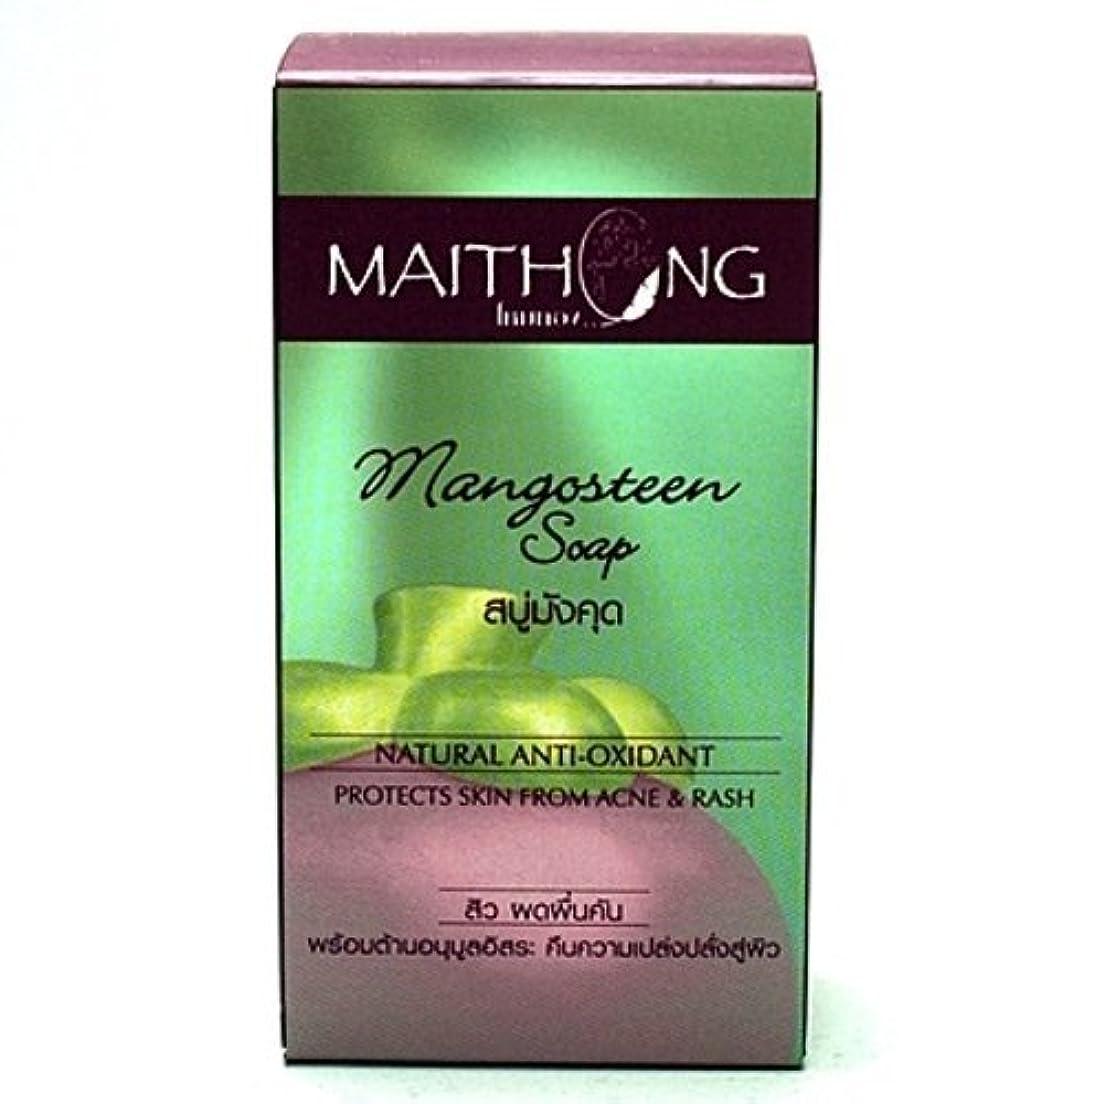 民主党計器レールMangosteen Soap Face and Body Wash Acne Rash Black Spot Spa Facial Soap Bar Natural Herb Scent by Maithong